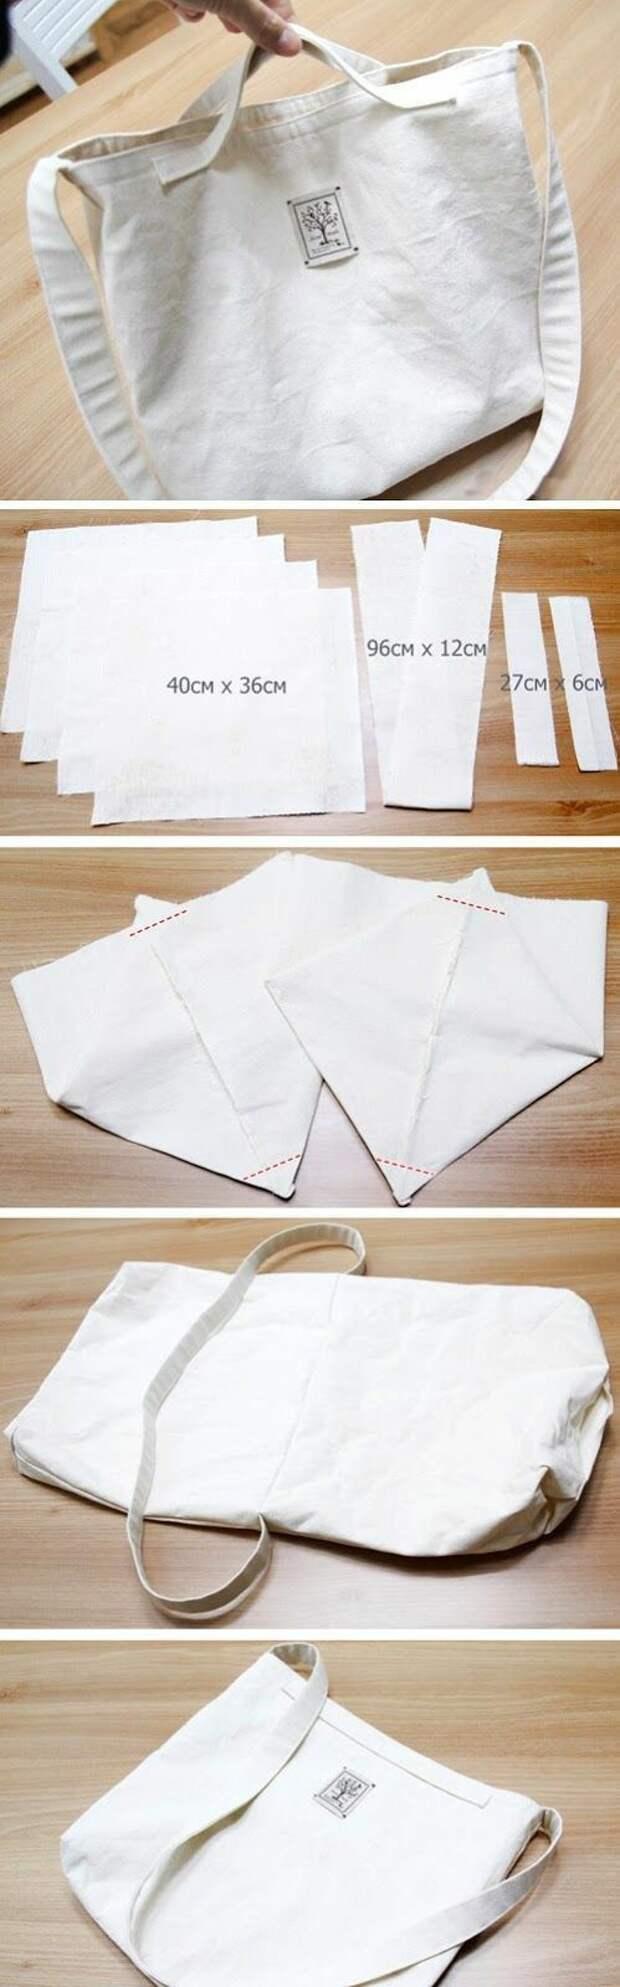 Летняя сумка (практически выкройка и diy)